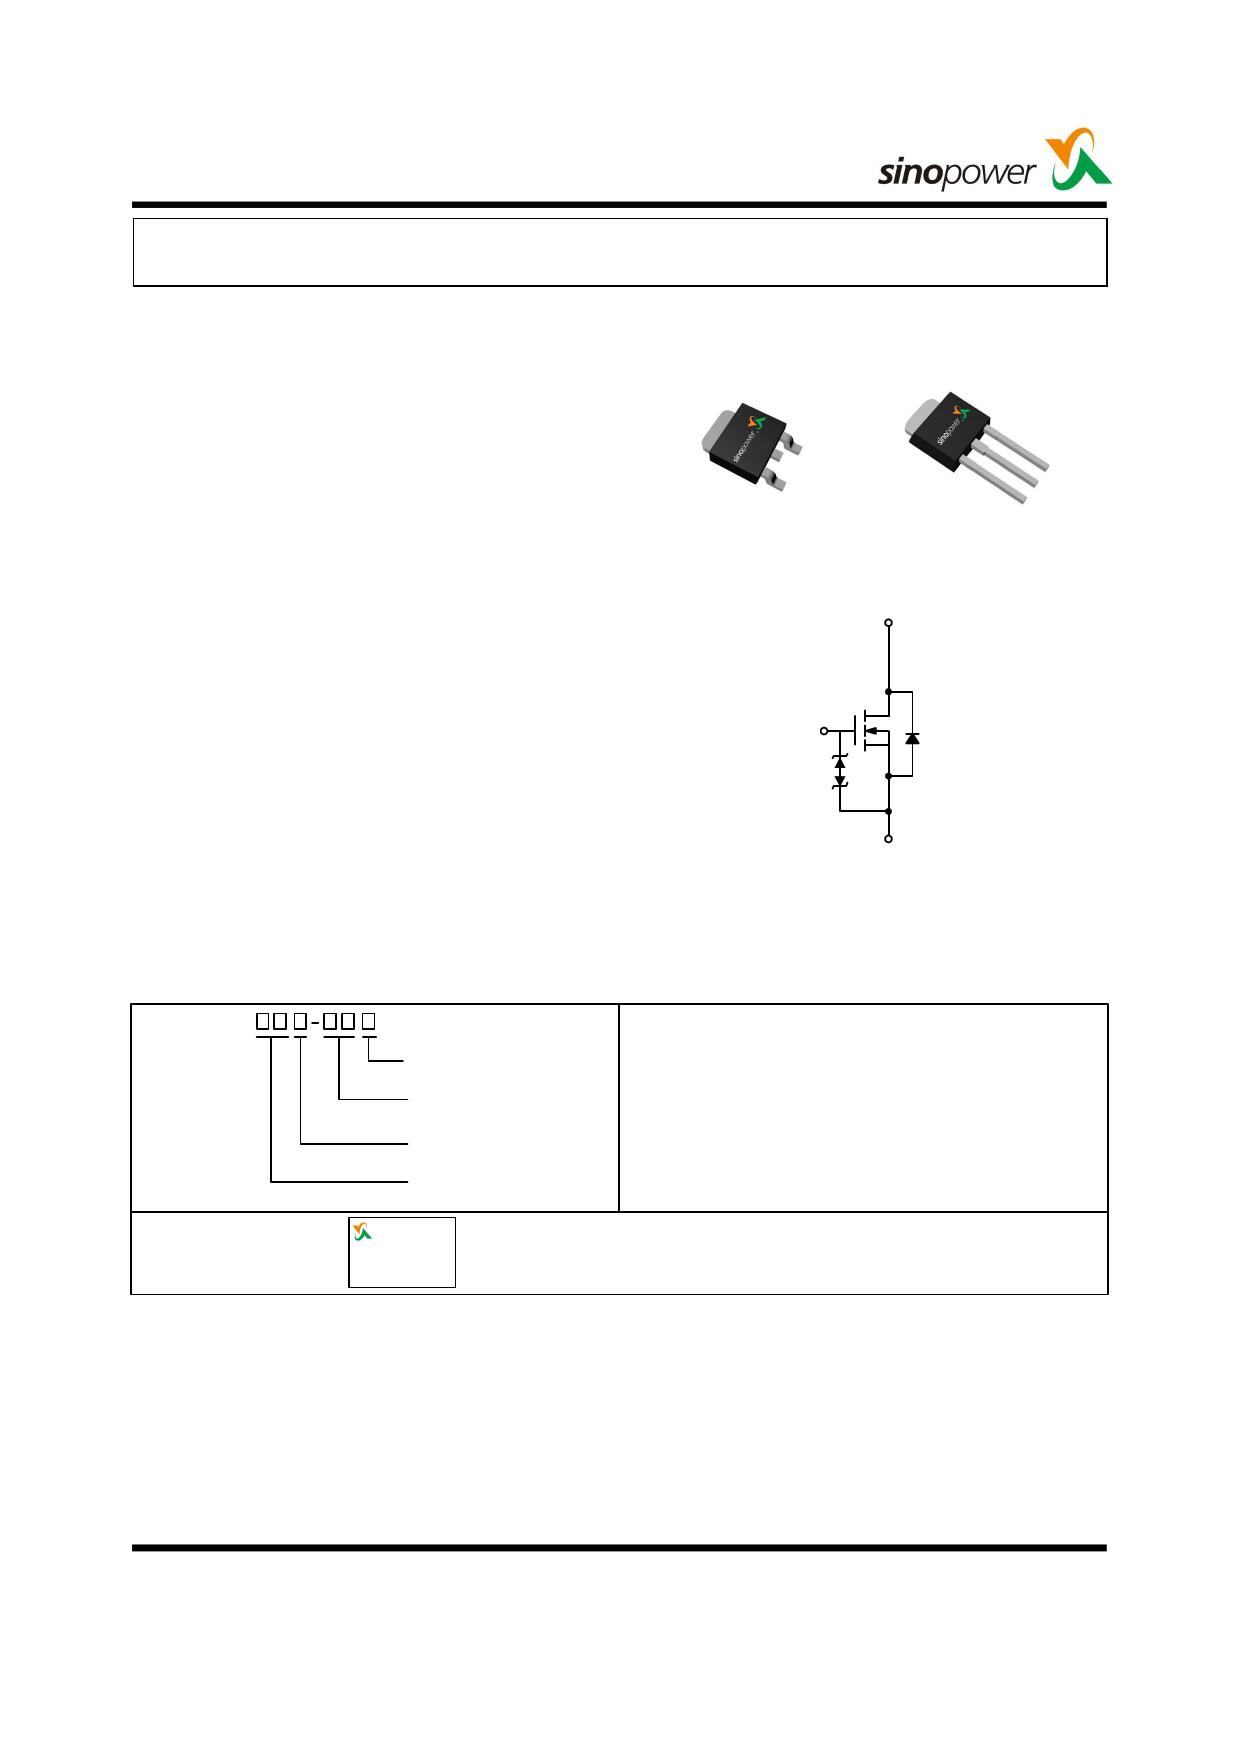 APM1110NU 데이터시트 및 APM1110NU PDF